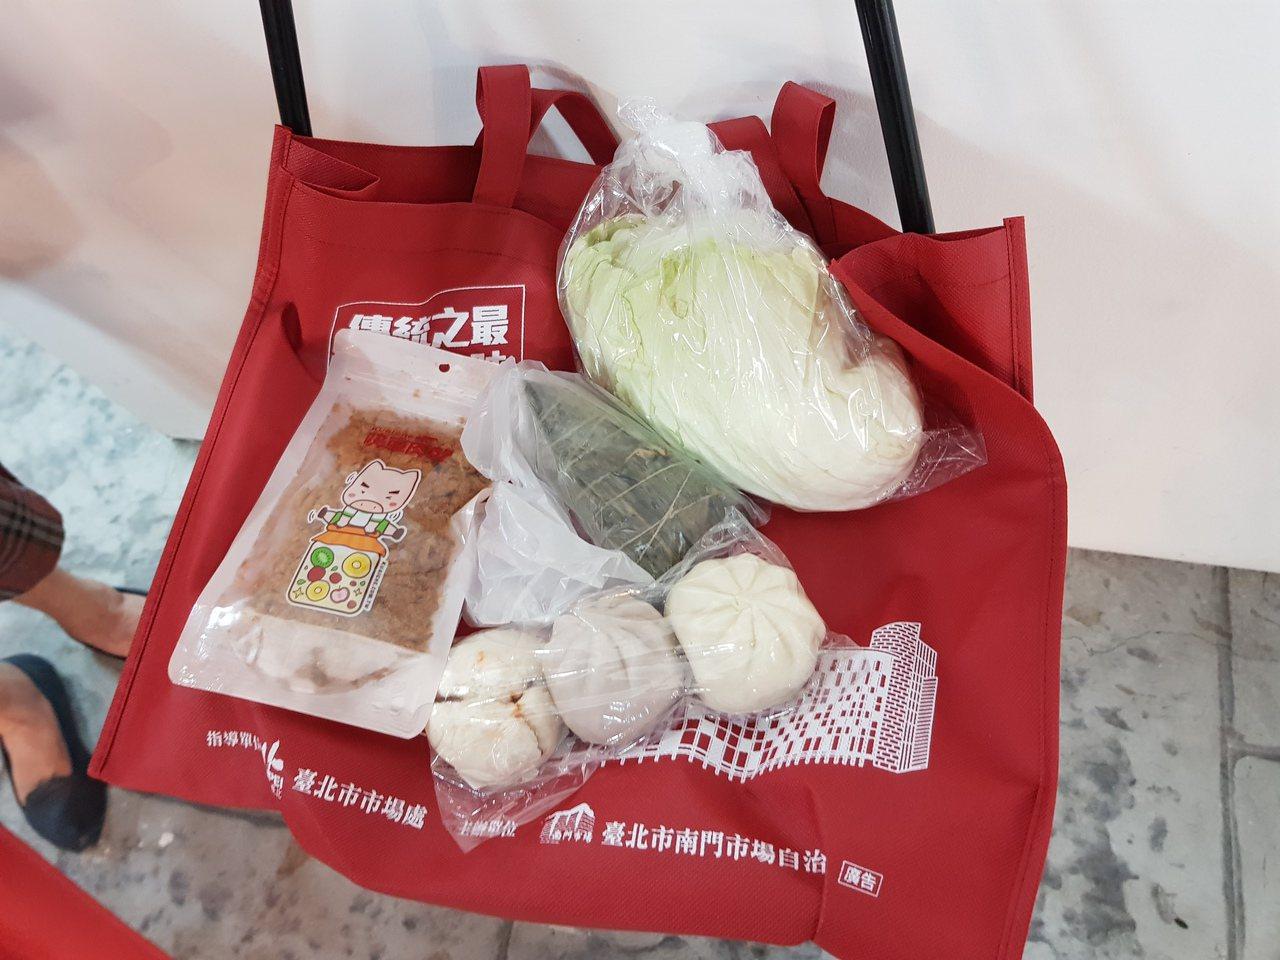 台北市南門中繼市場今天舉辦開幕儀式,市場於早上11點也開賣限量500個的開幕紀念...